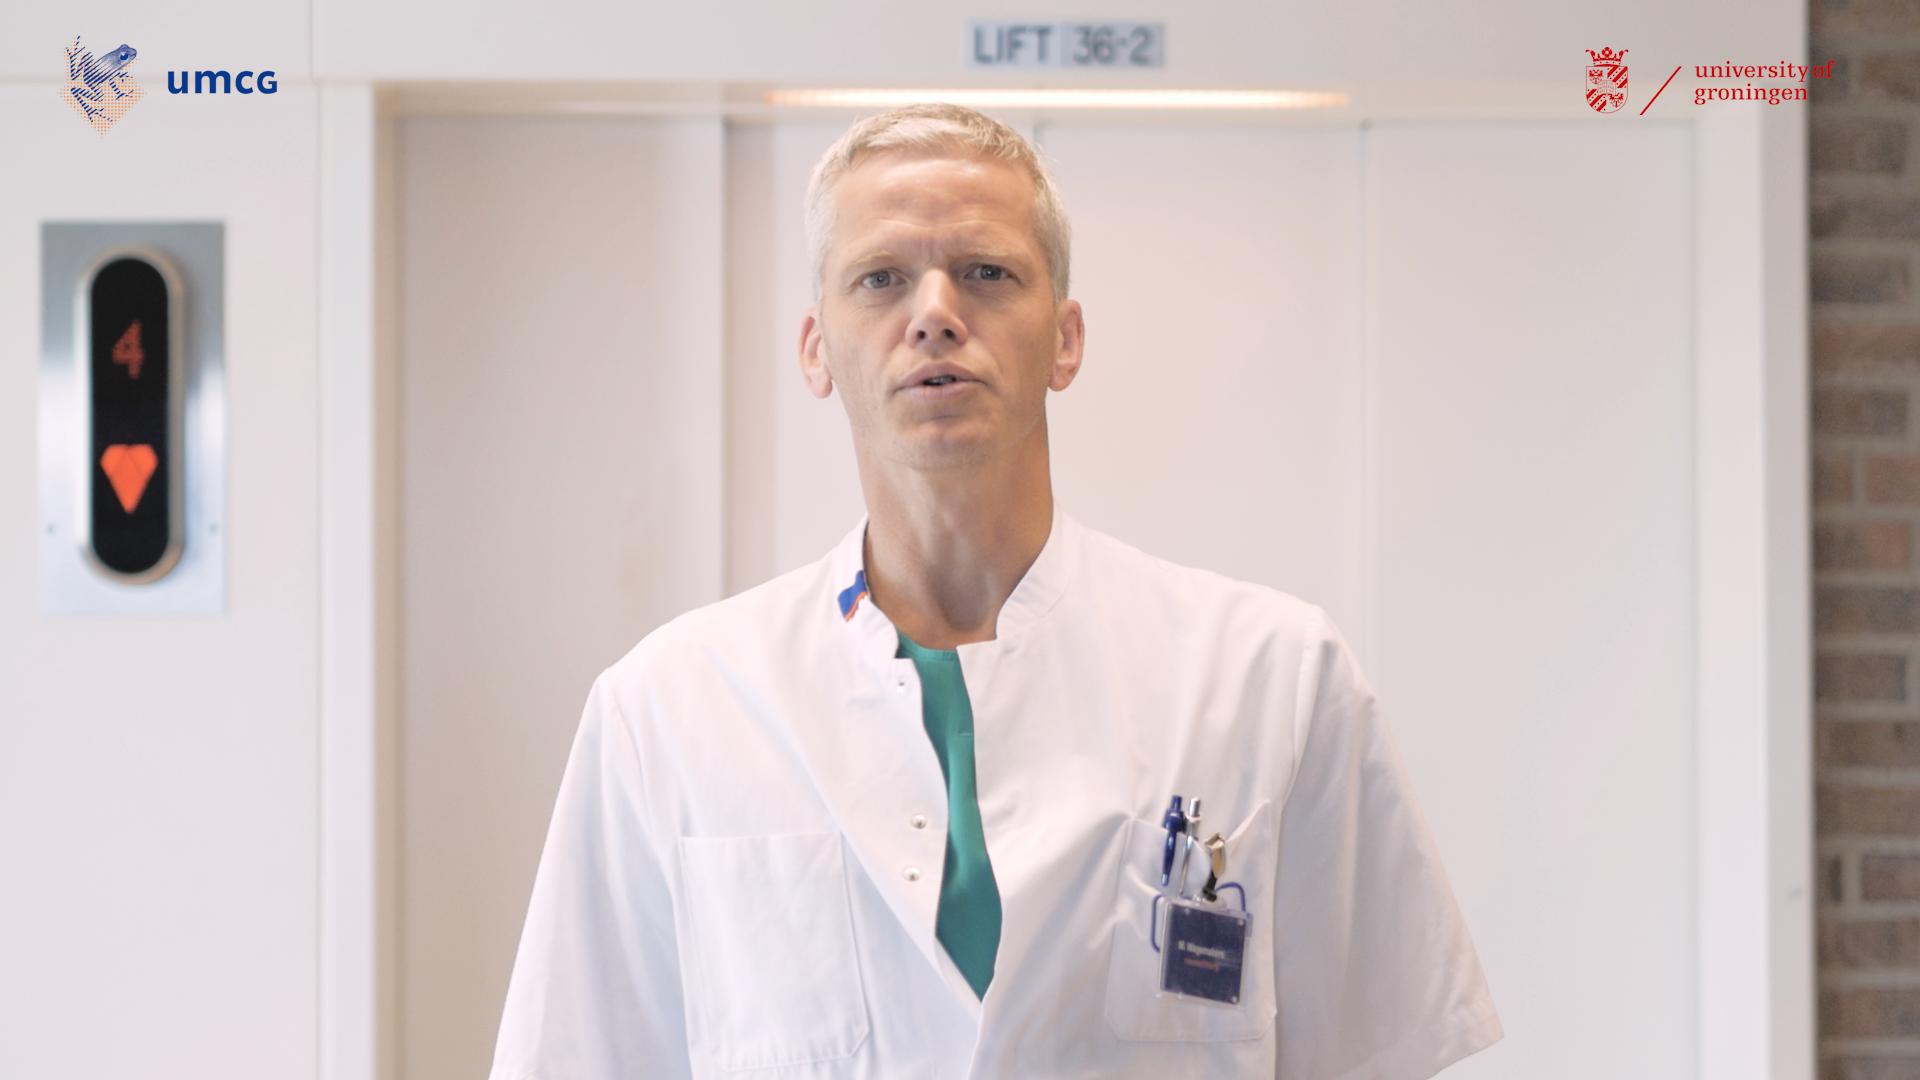 Neurosurgeon, Dr. Michiel Wagemakers